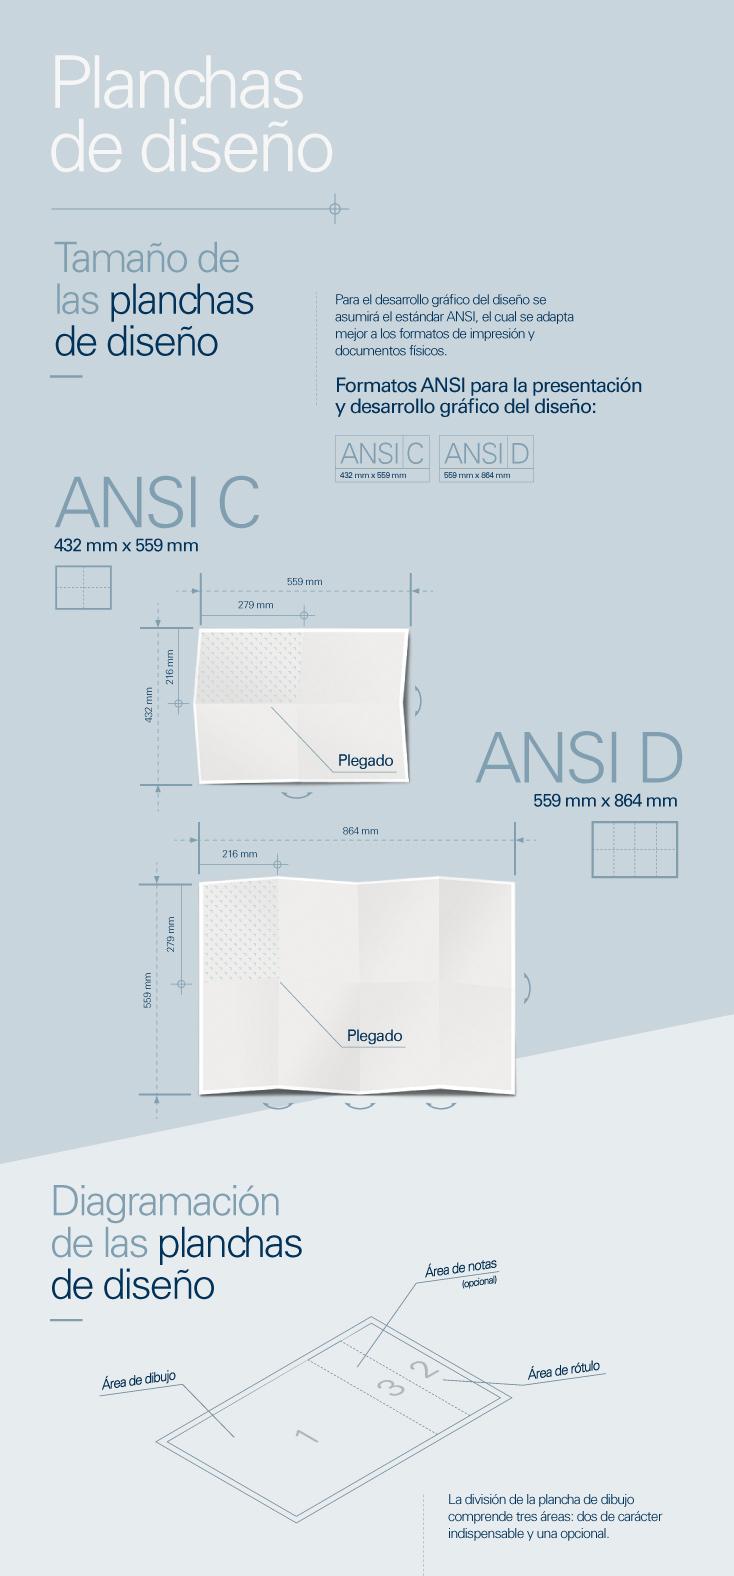 Grupo Vanti Estándares de presentación y desarrollo gráfico de los diseños